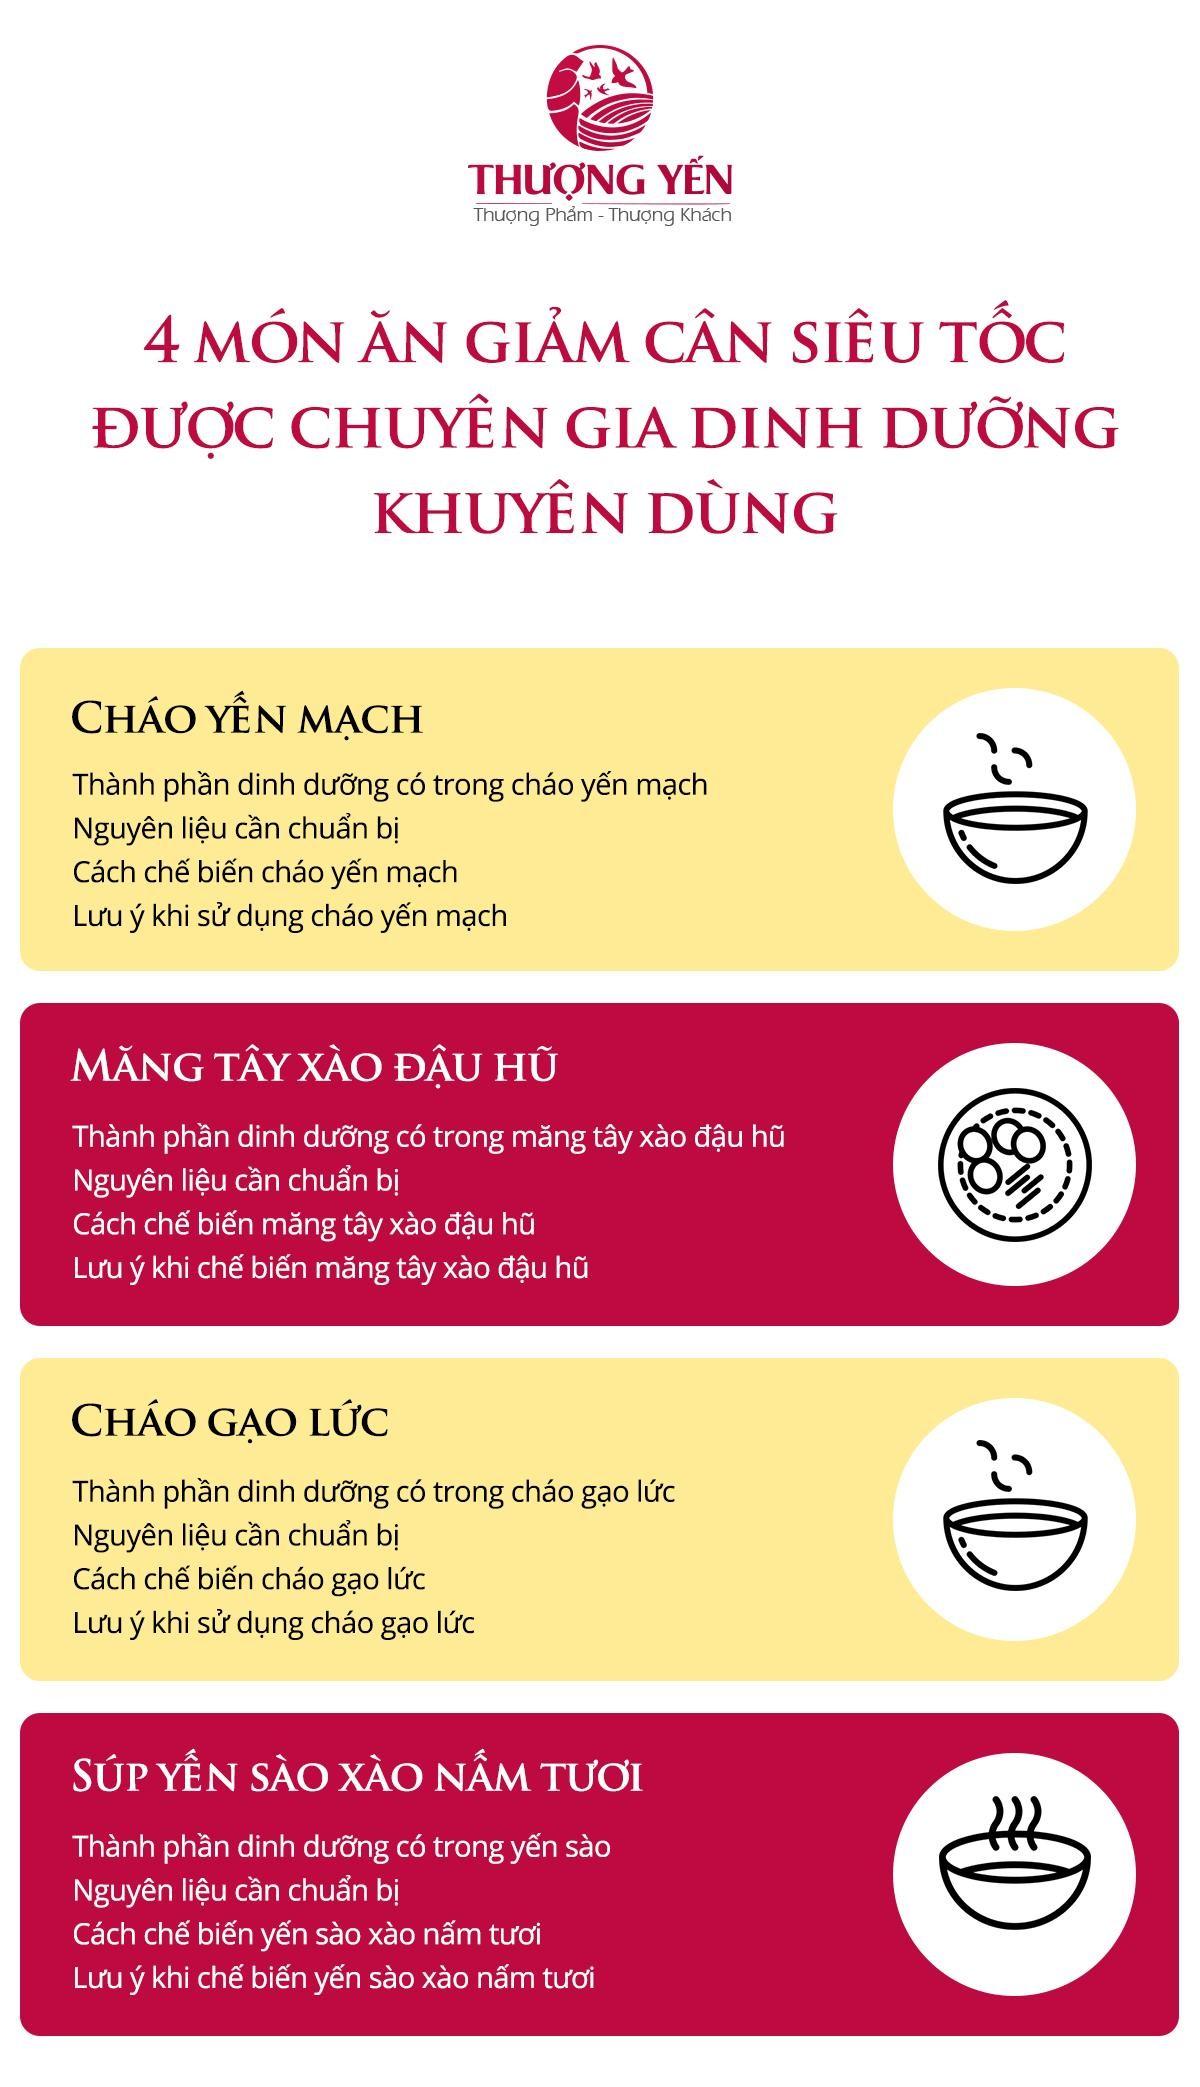 4 món ăn giảm cân được chuyên gia khuyên dùng